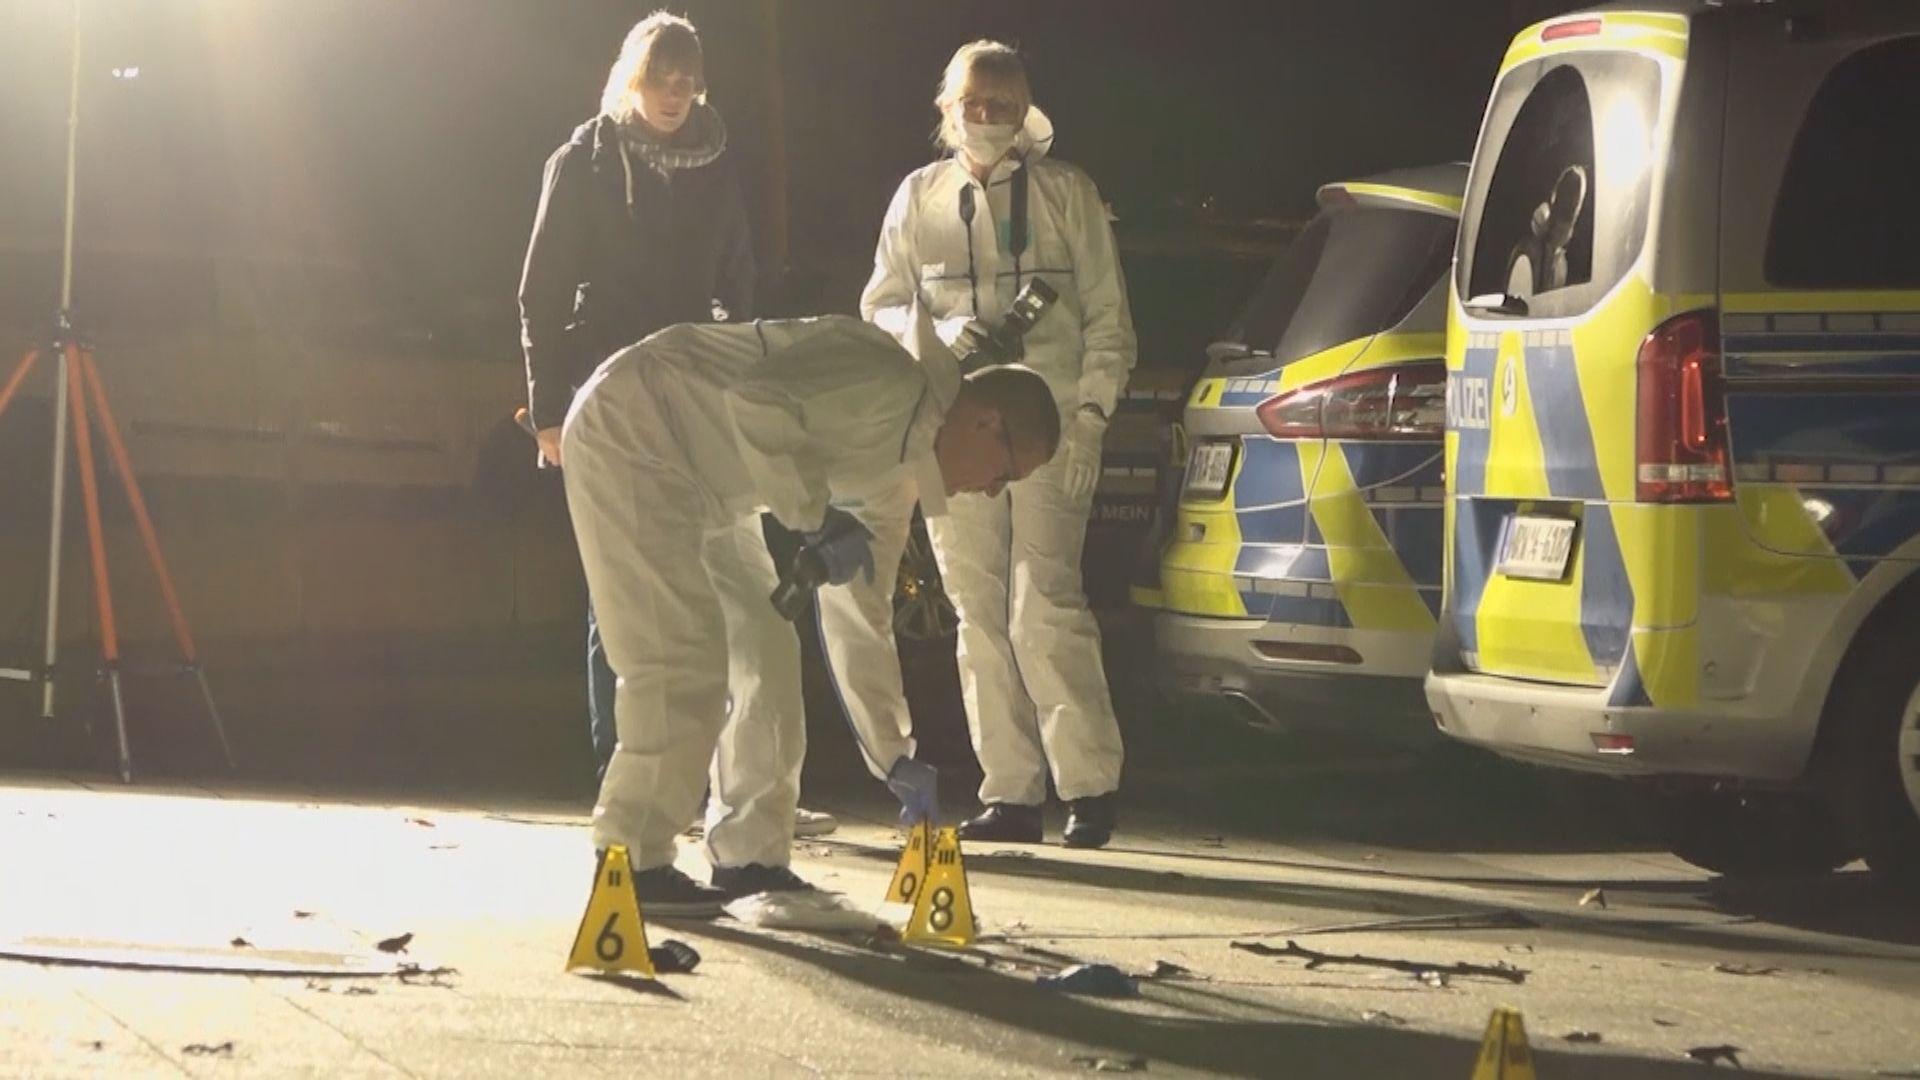 德國男子企圖用刀施襲被警員開槍擊斃